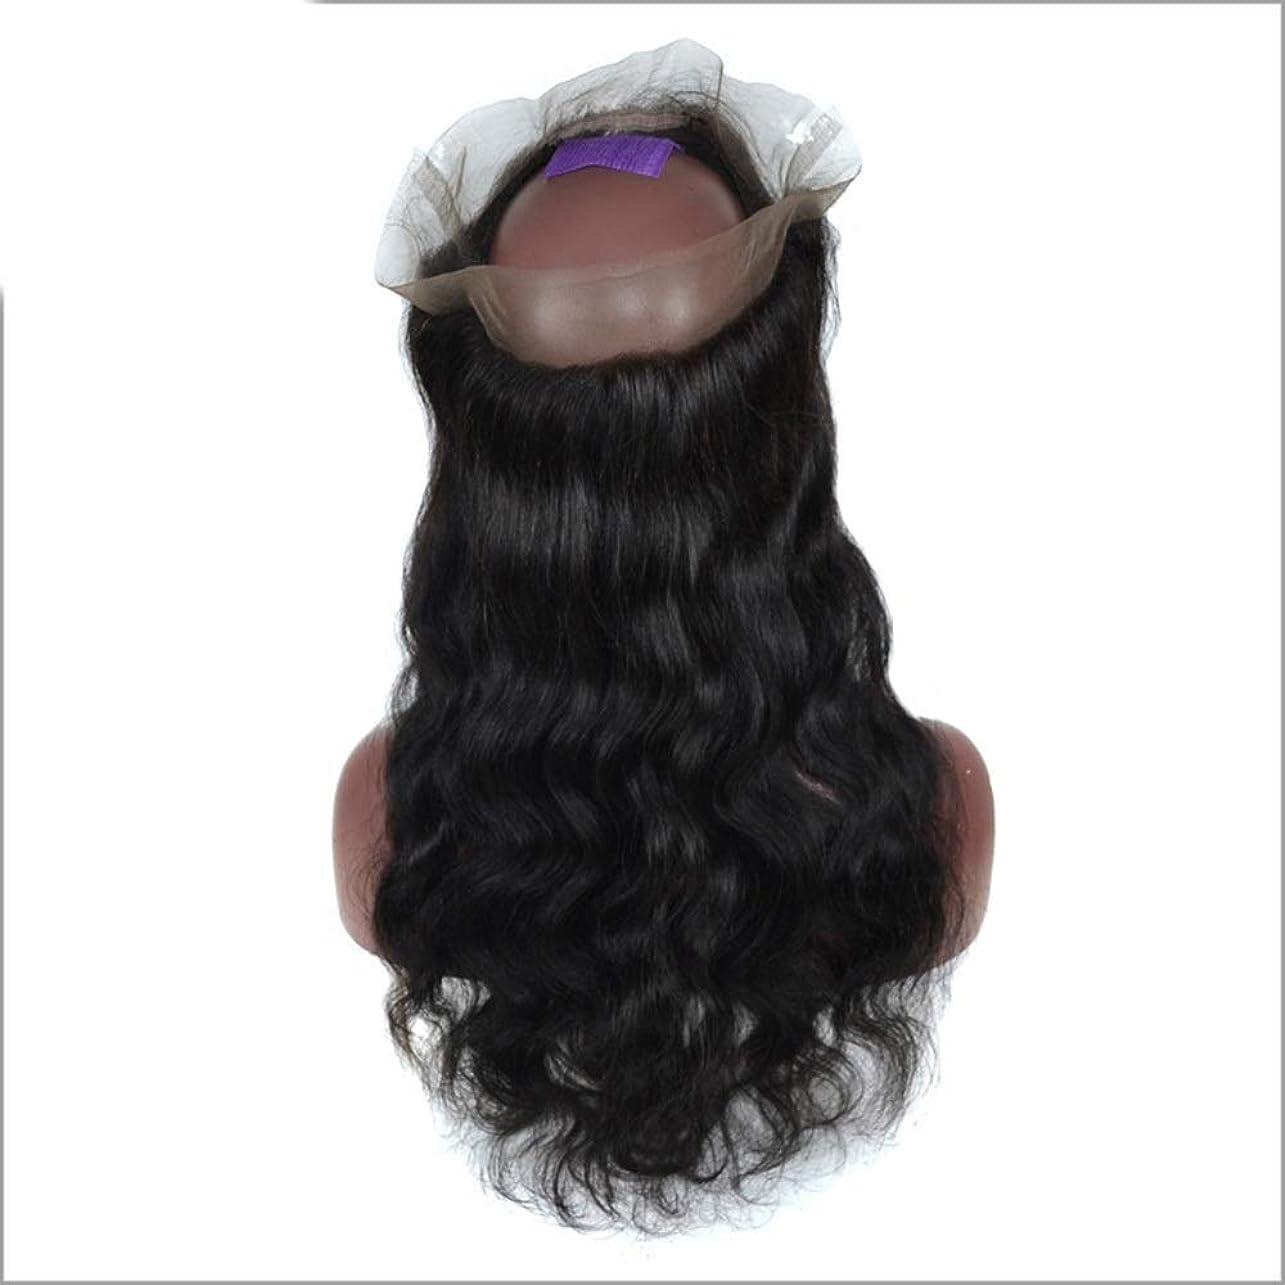 スマイルはぁ懲戒BOBIDYEE 3/4ハーフウィッグブラジルのリアル人間の髪の毛のかつら前部レースの実体波クリップ半分ウィッグパーティーかつら (色 : 黒, サイズ : 12 inch)